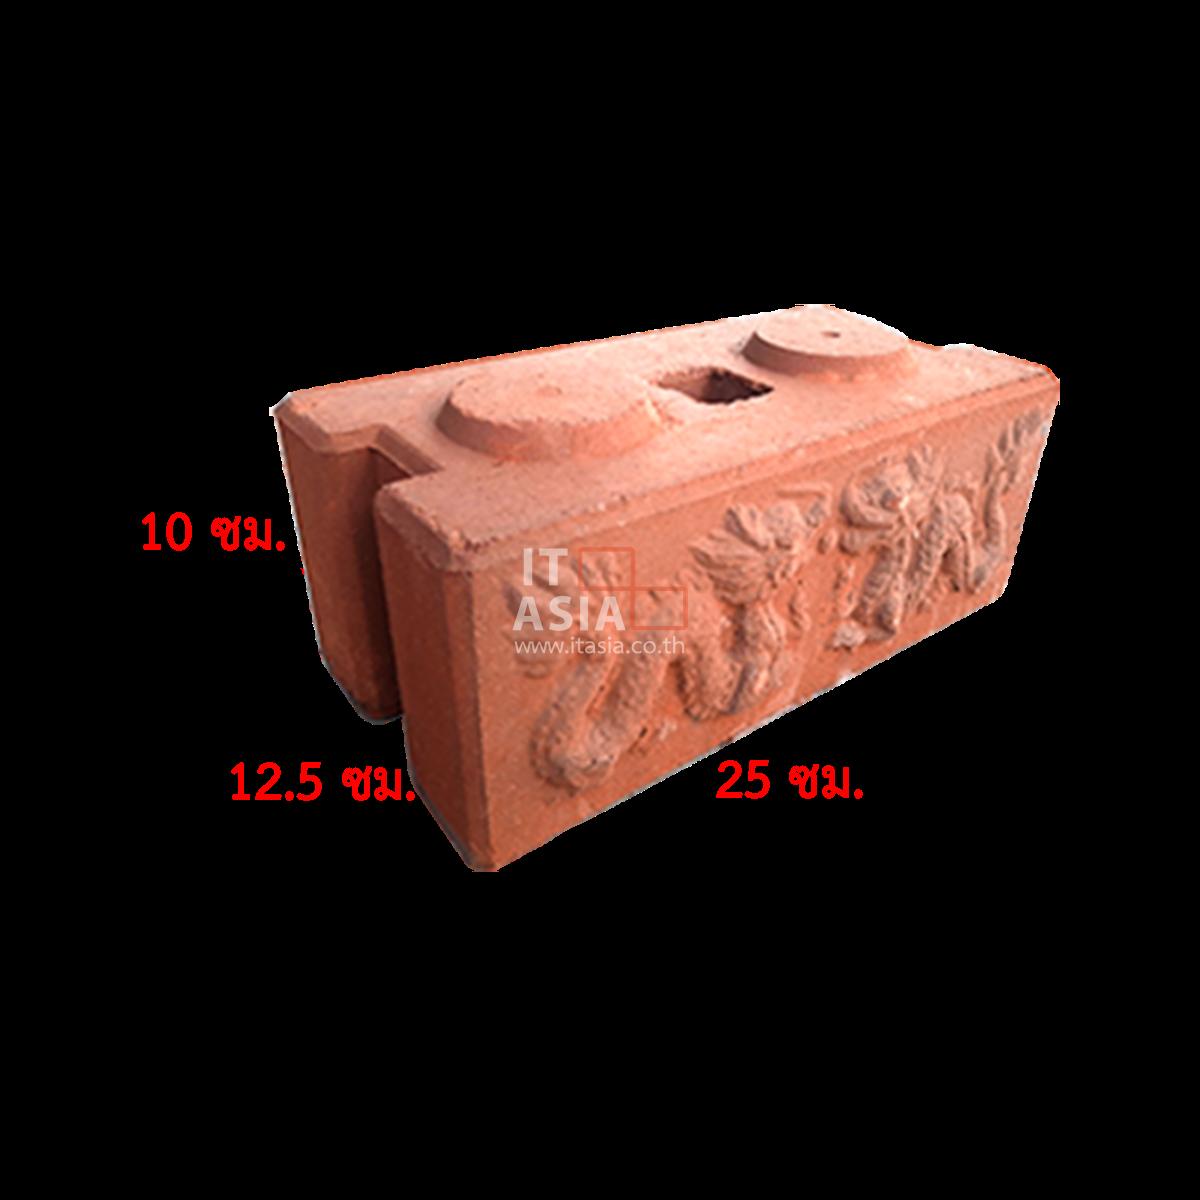 อิฐประสานตรงลายมังกร  ขนาด 12.5x25x10 ซม.